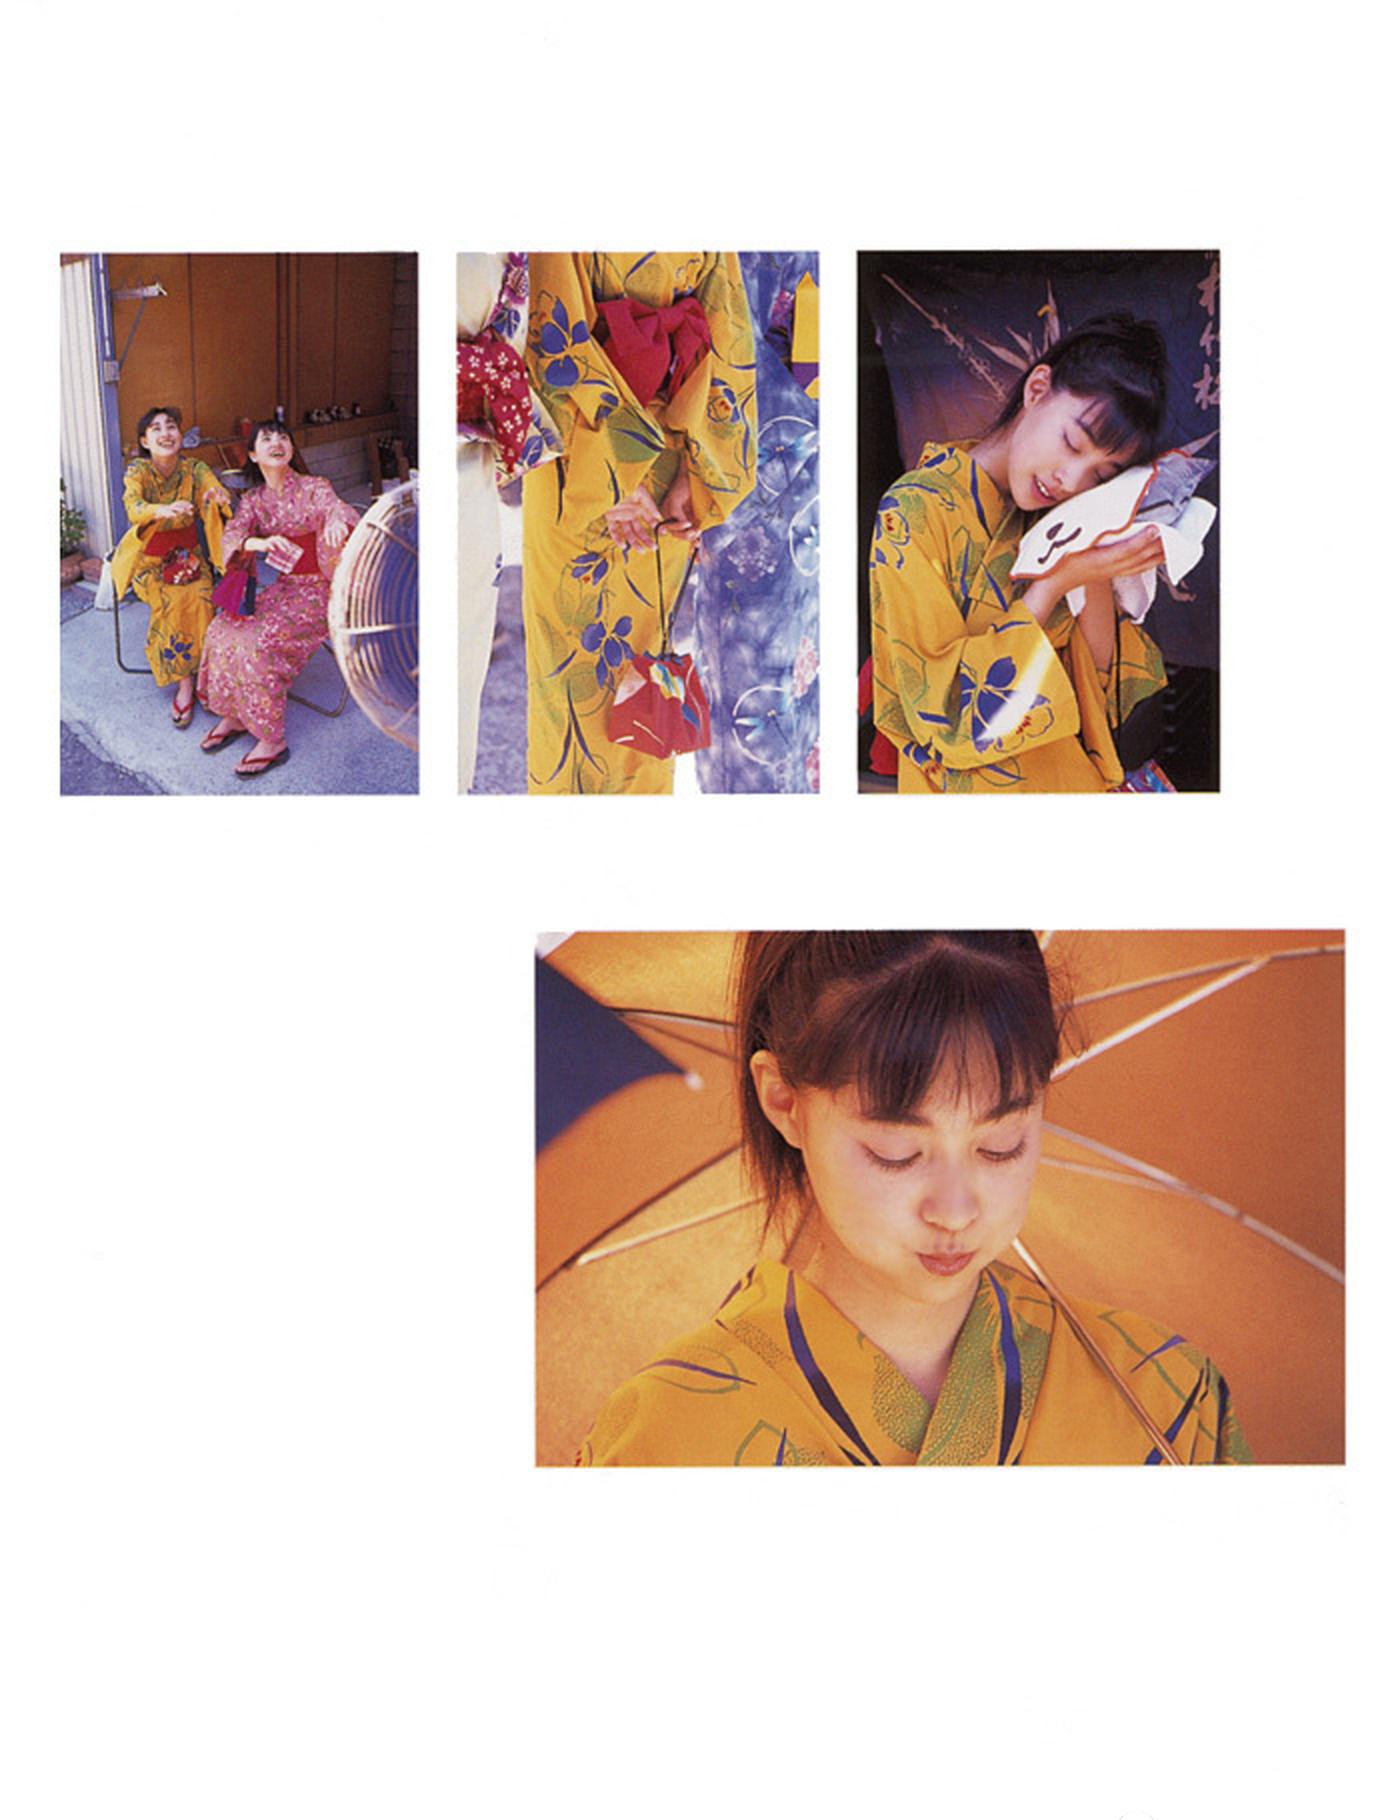 被锁在保险柜里的日本艺人吹石一惠的写真作品 (40)